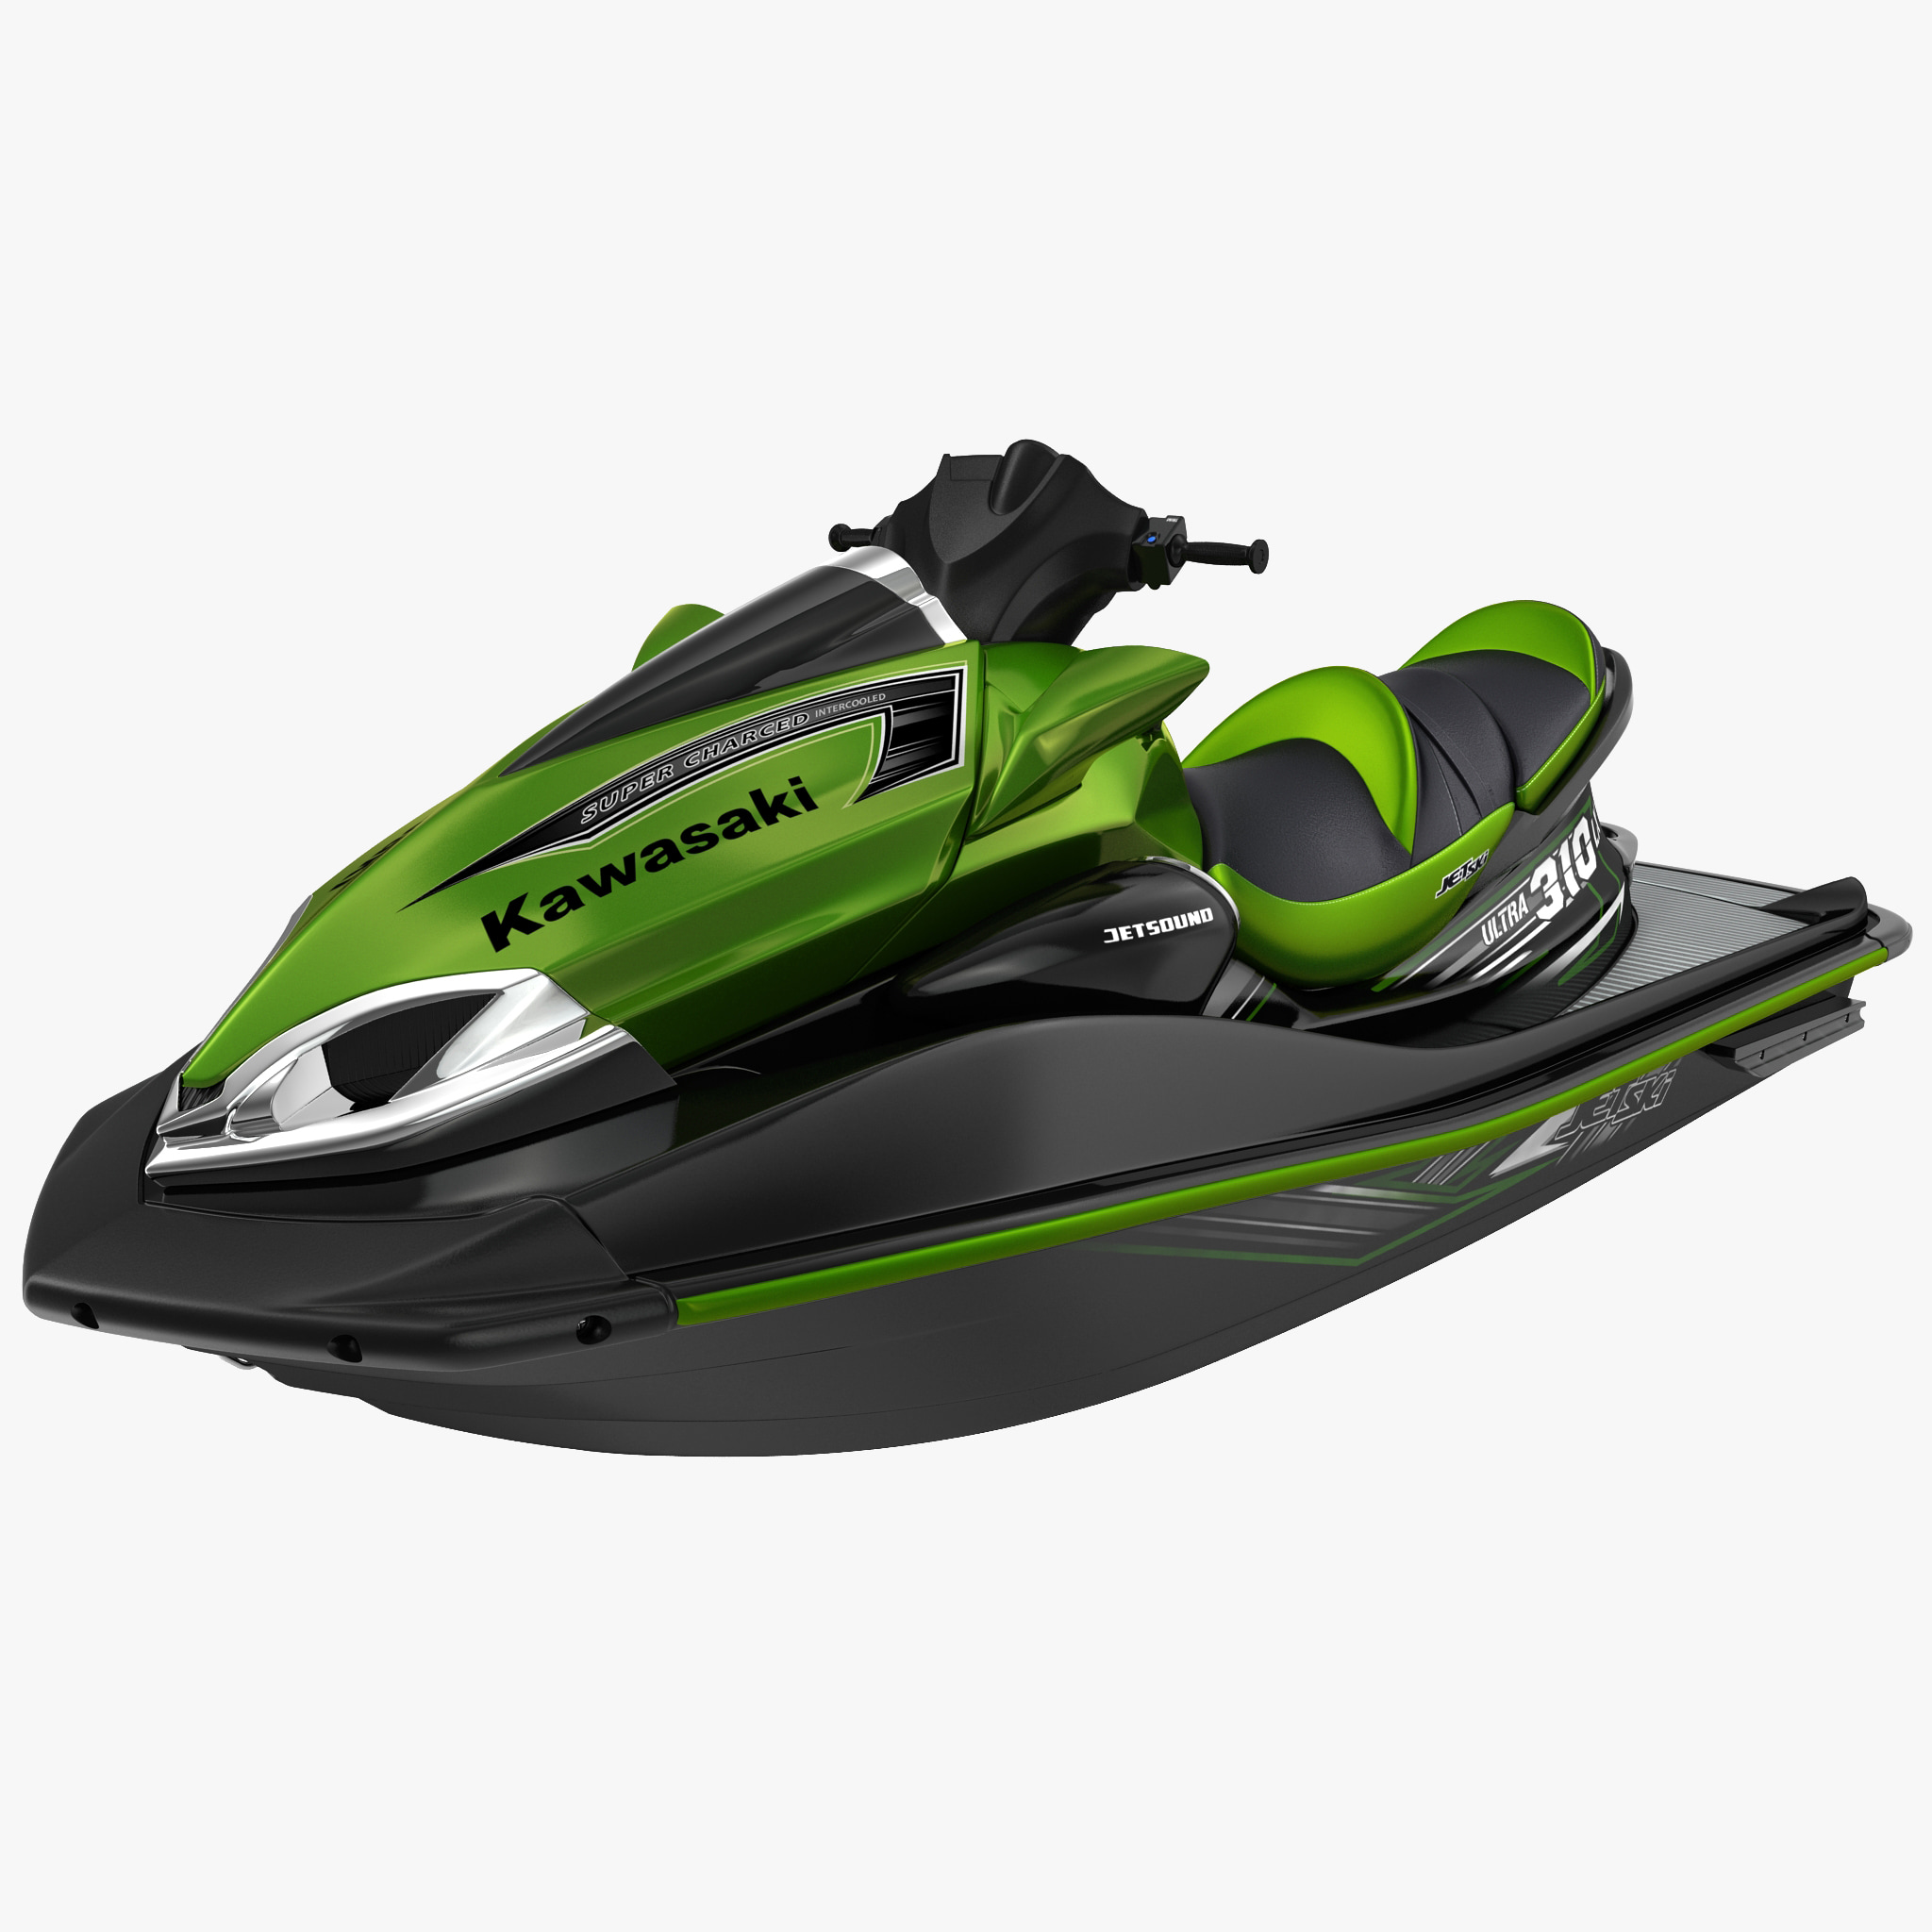 kawasaki ultra 310 jet ski max